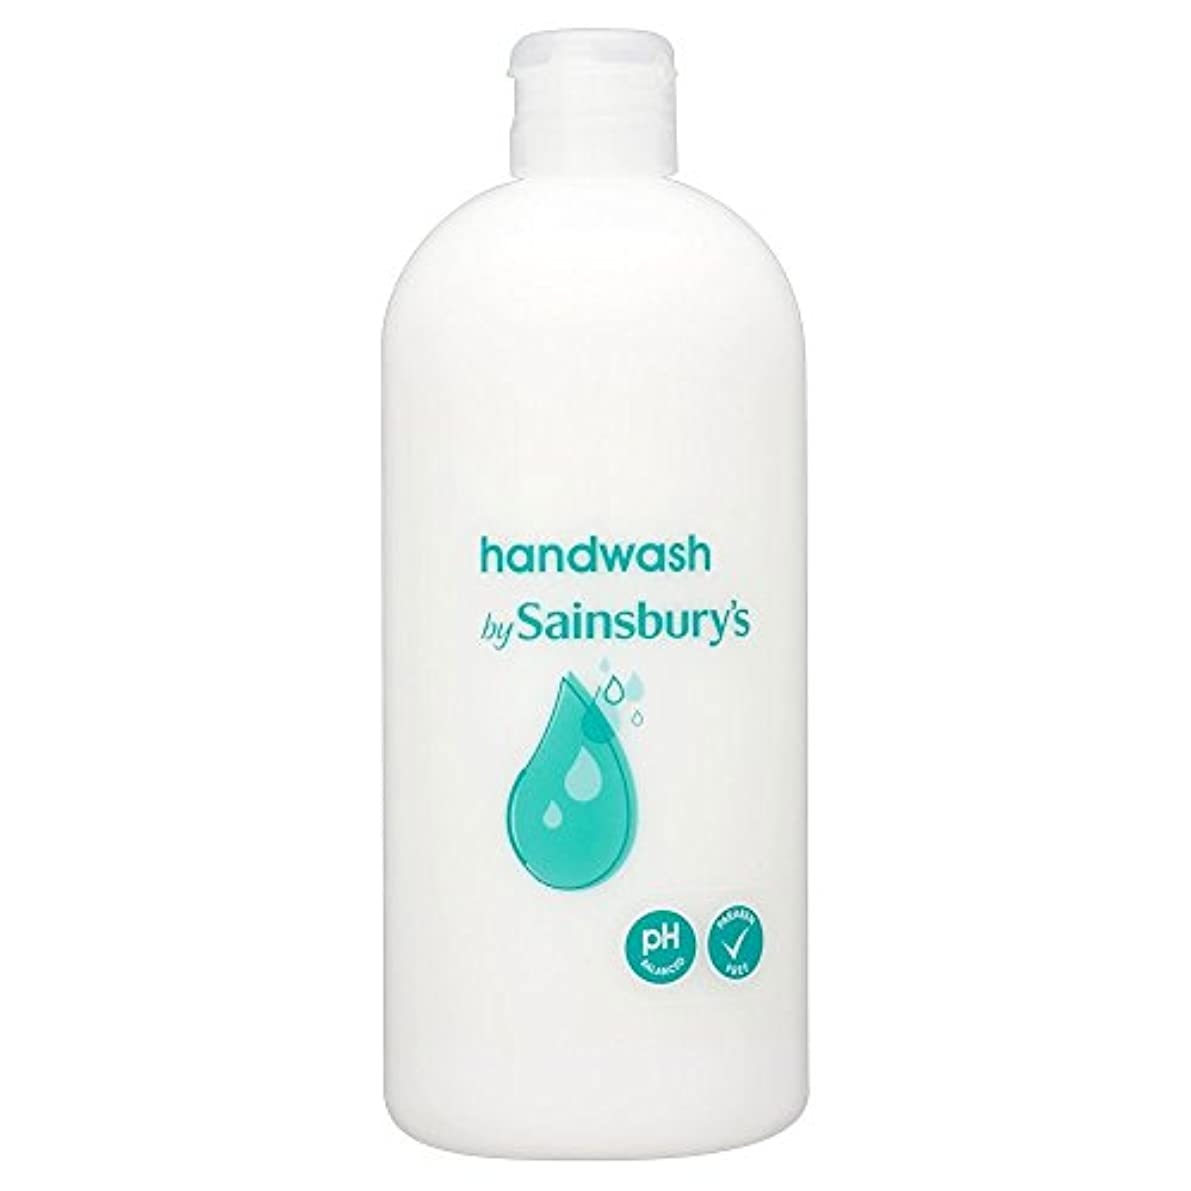 気づかない爆風協力するSainsbury's Handwash, White Refill 500ml - (Sainsbury's) 手洗い、白リフィル500ミリリットル [並行輸入品]